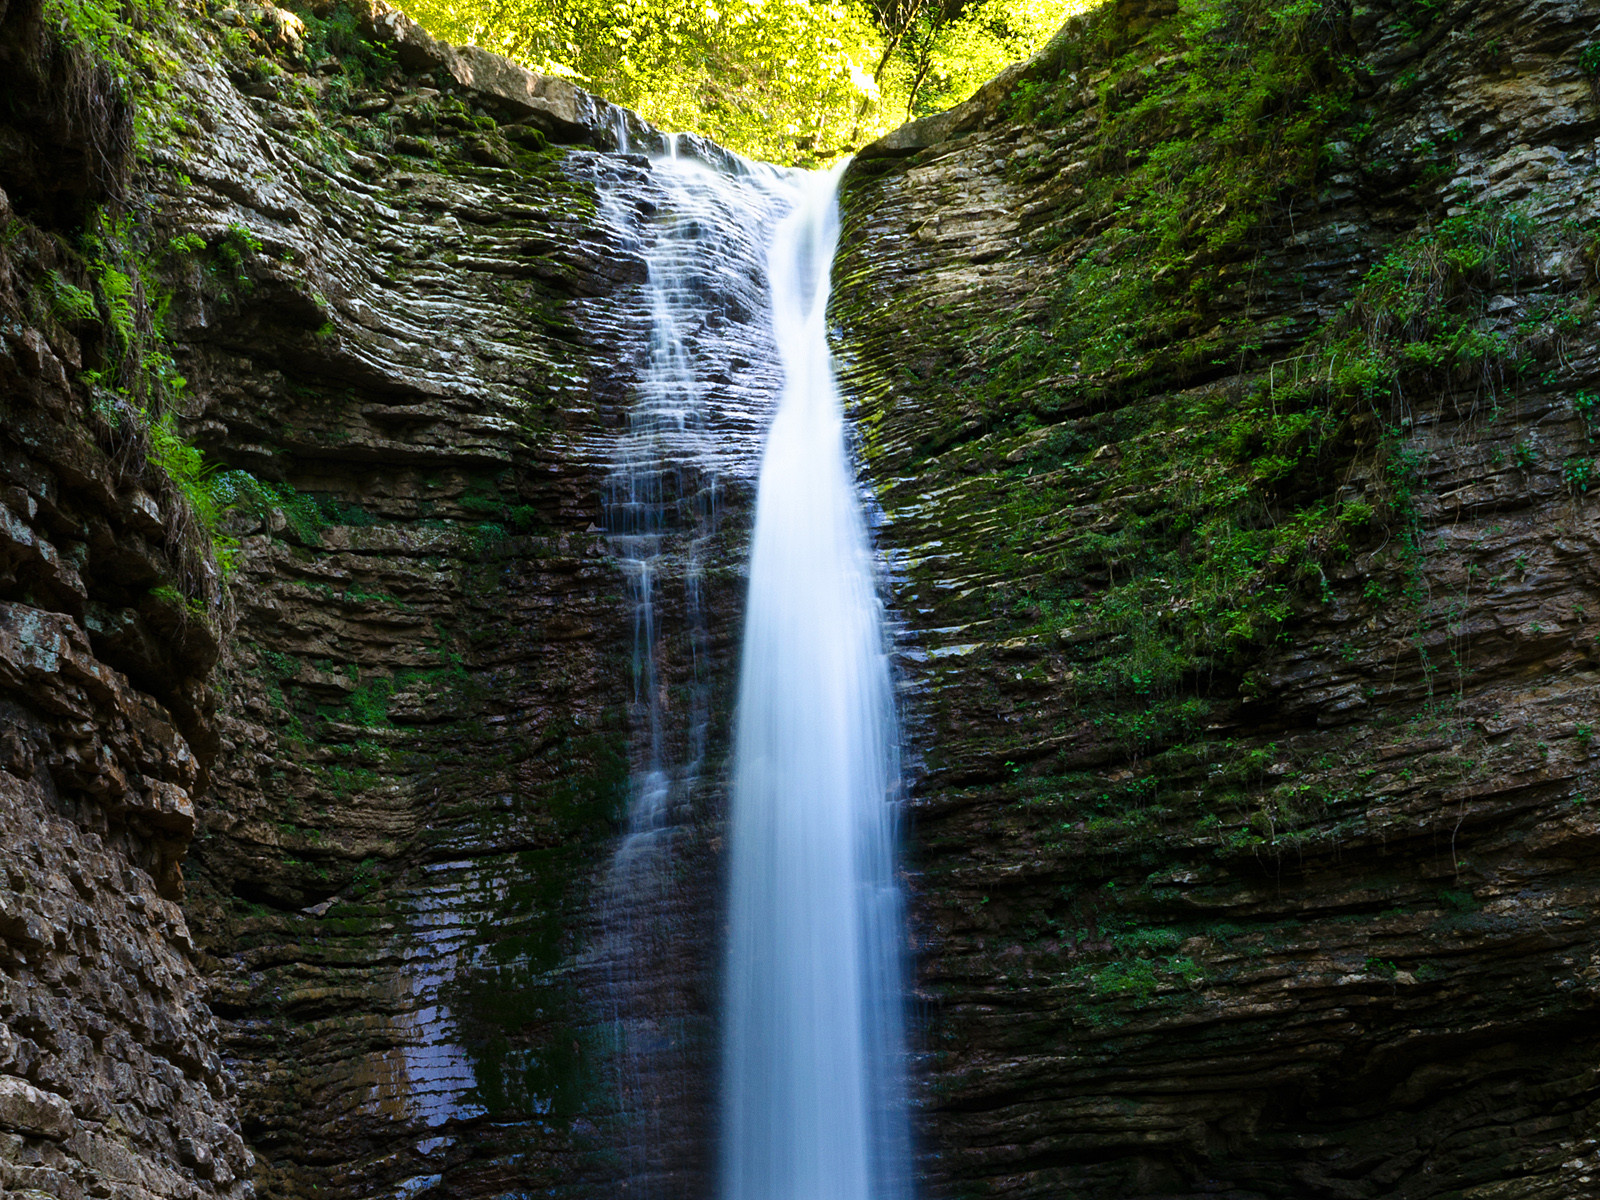 И водопады Руфабго Майкоп, адыгея